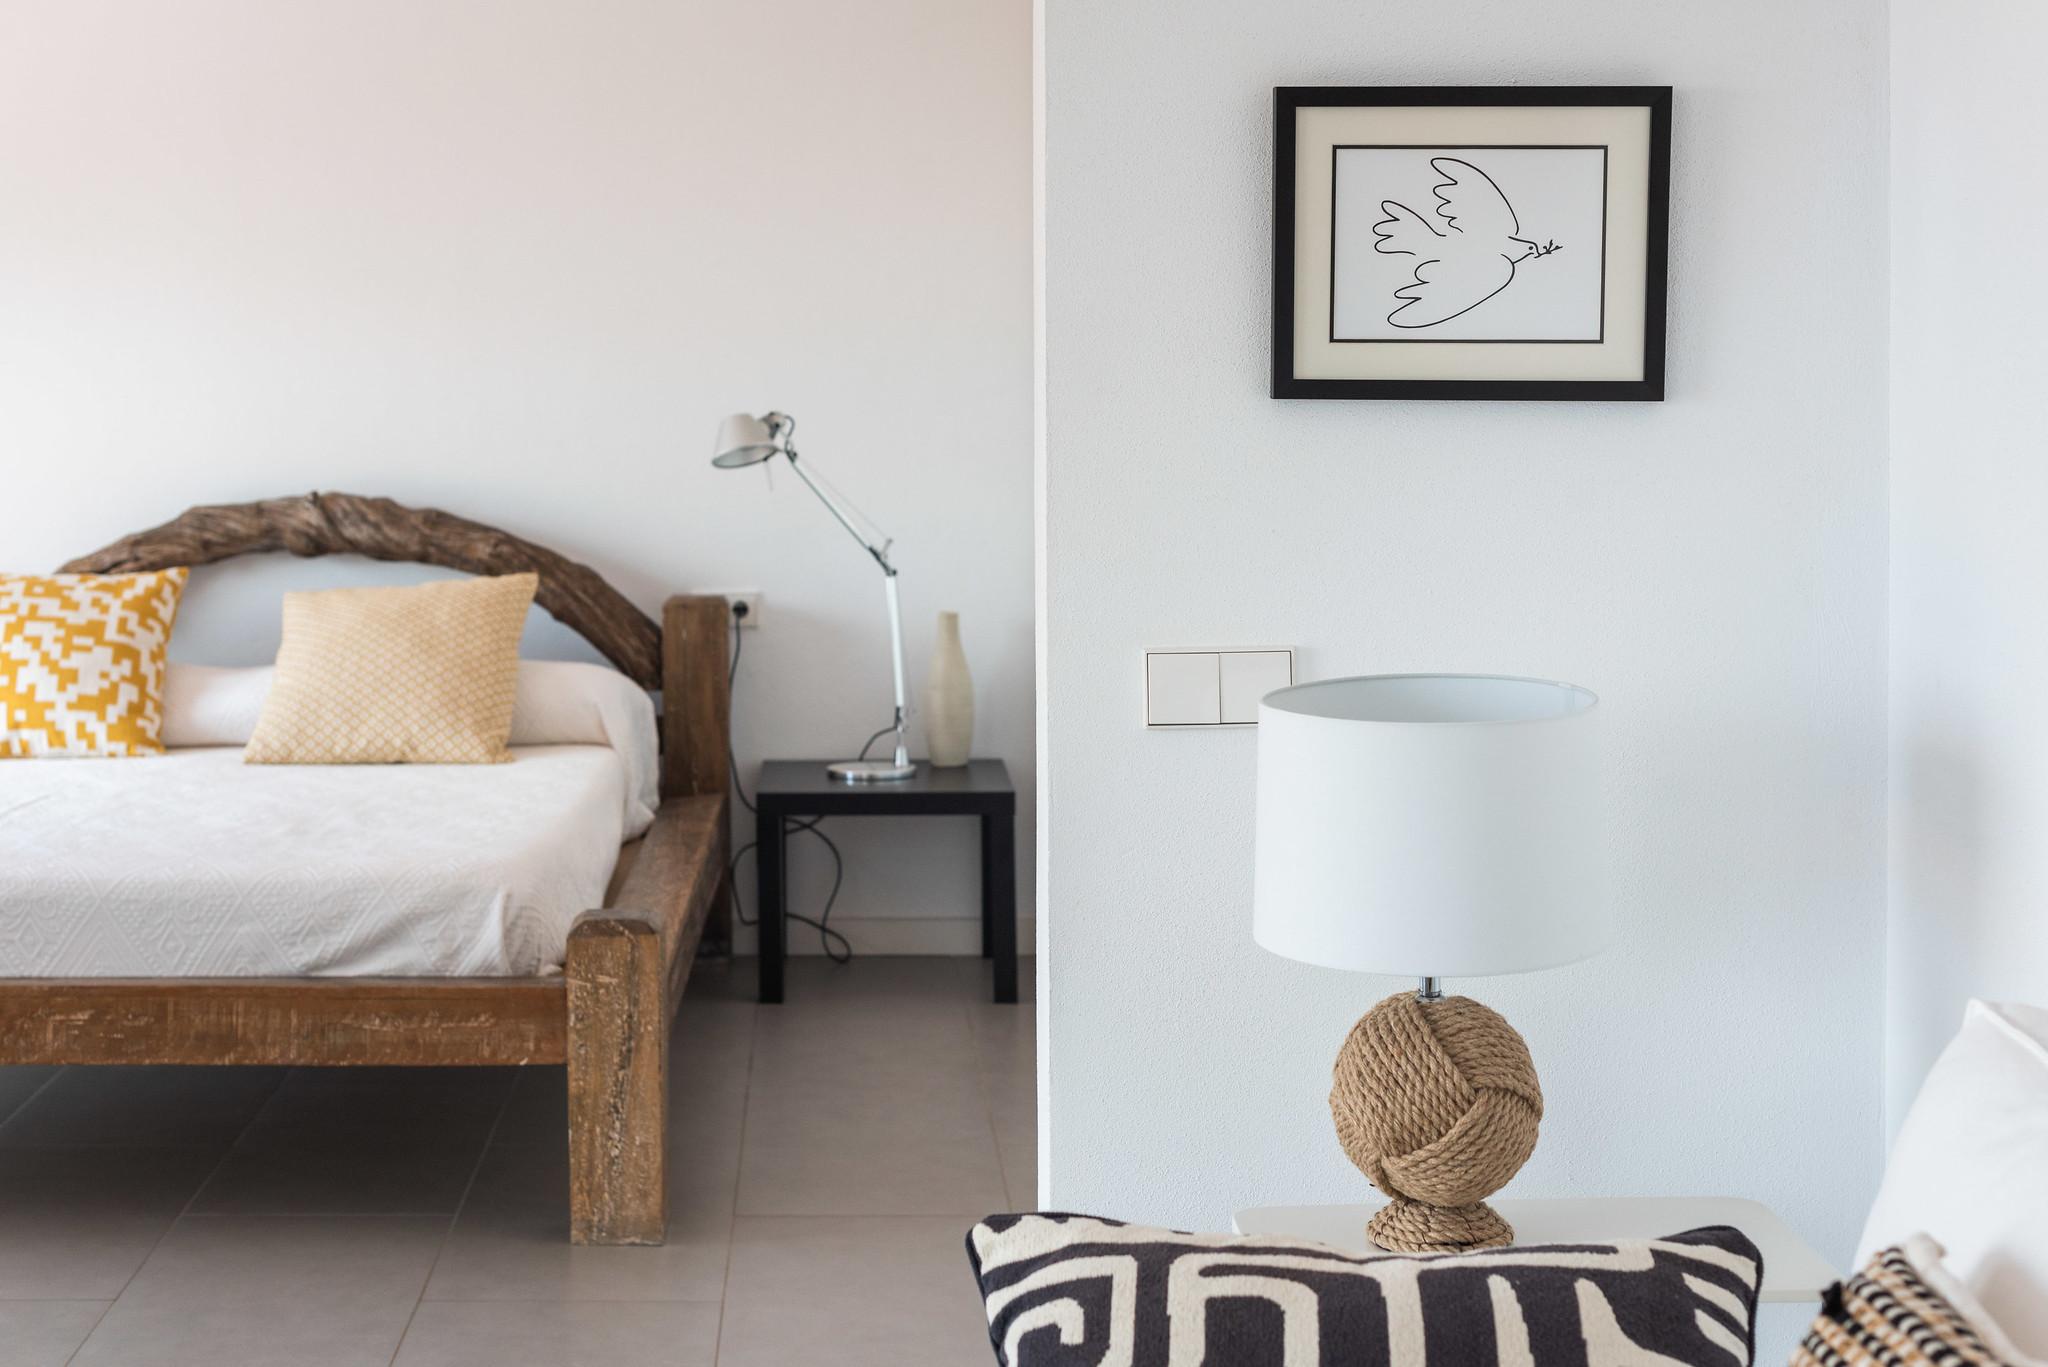 https://www.white-ibiza.com/wp-content/uploads/2020/06/white-ibiza-villas-villa-azul-interior-bedroom.jpg